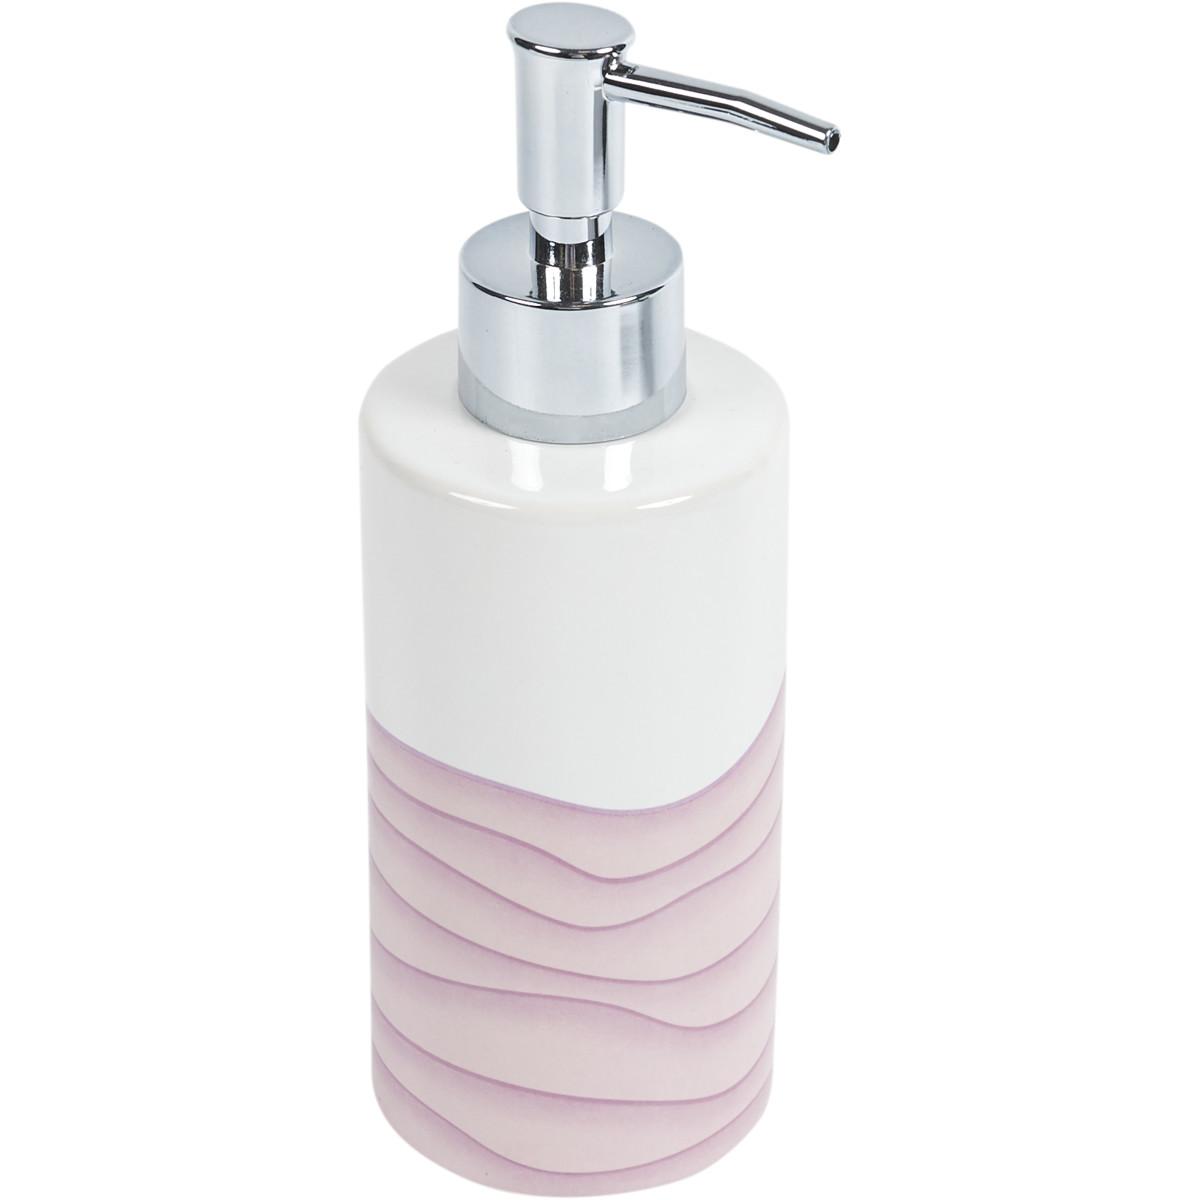 Диспенсер для жидкого мыла Agat керамика цвет розовый